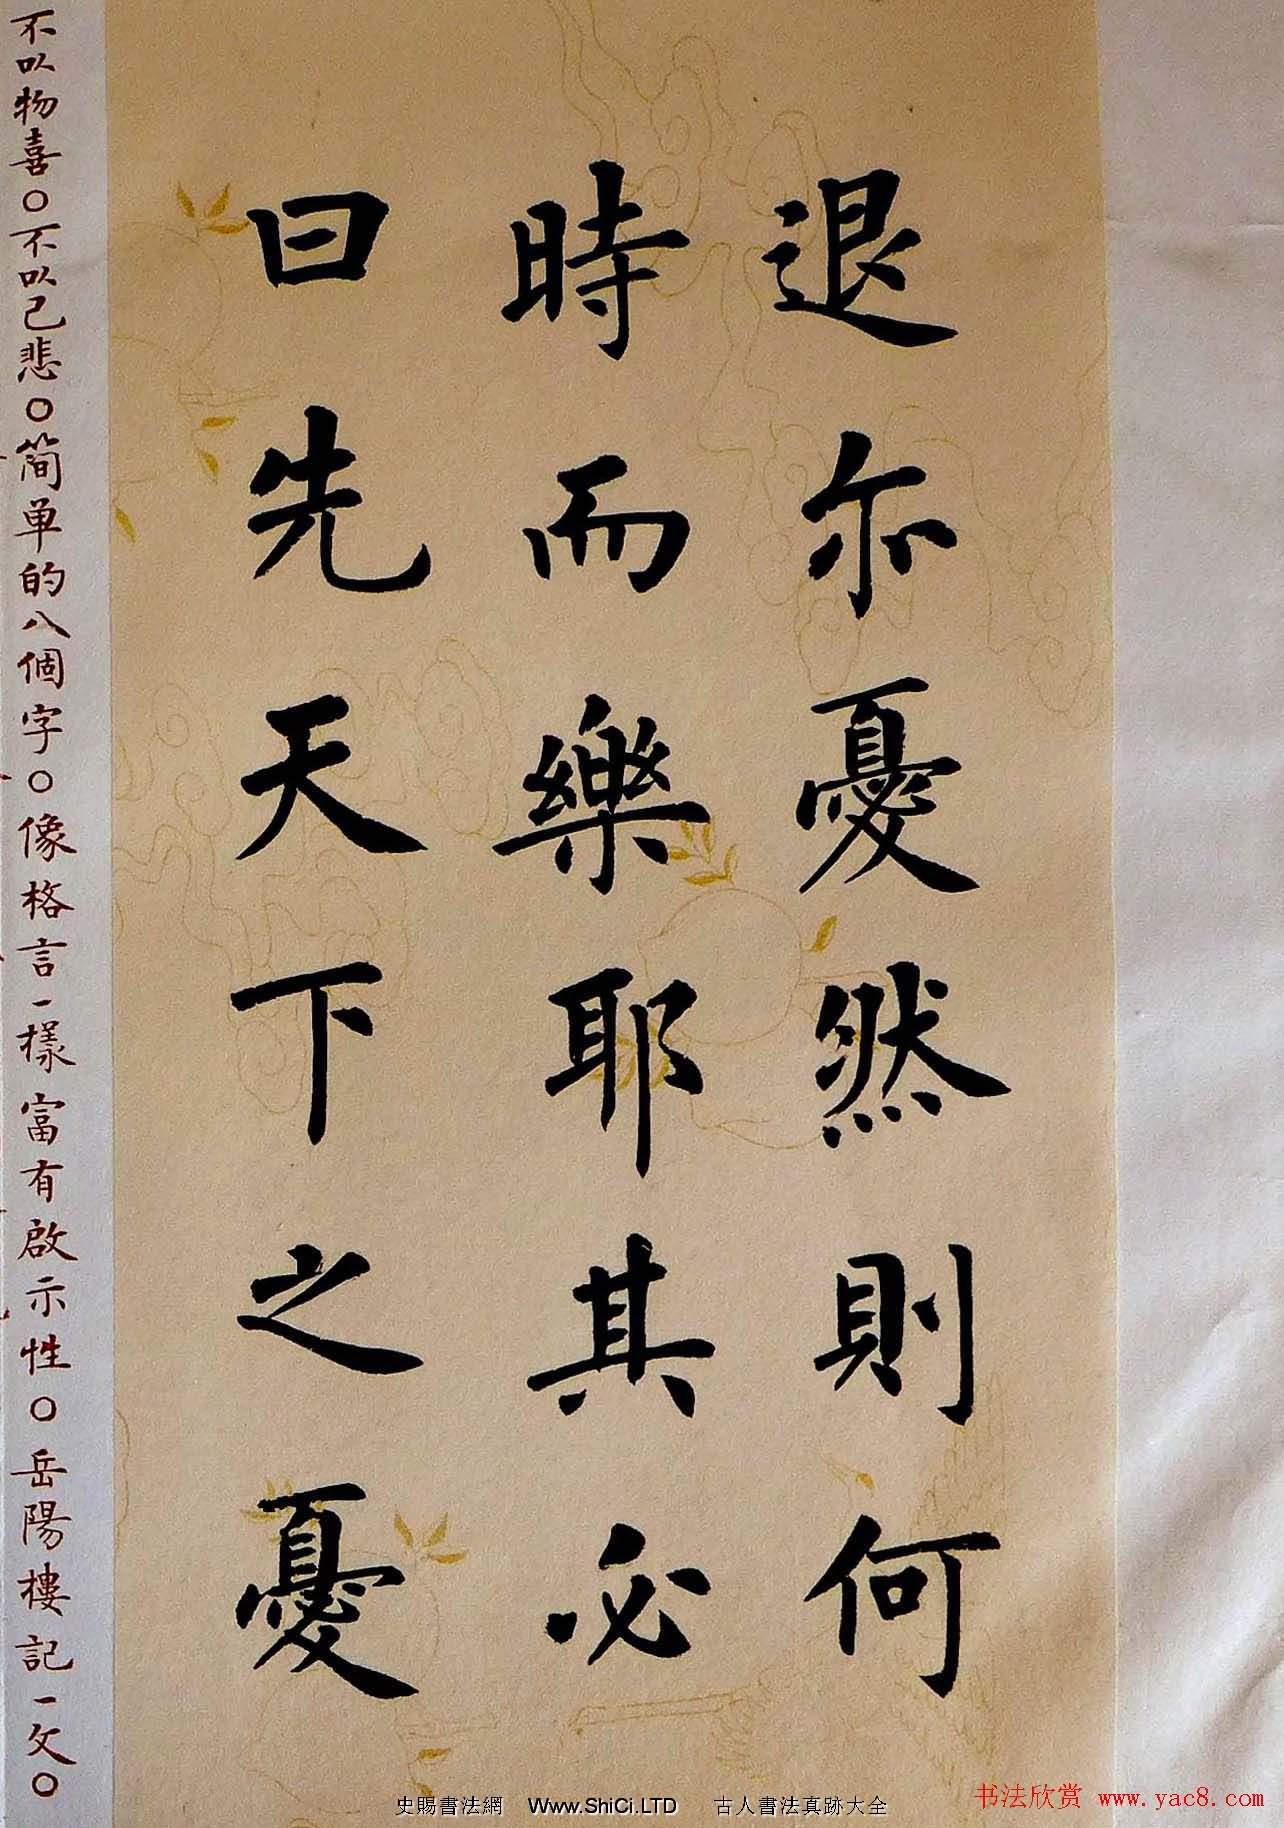 楊涵之書法欣賞楷書冊頁《岳陽樓記》